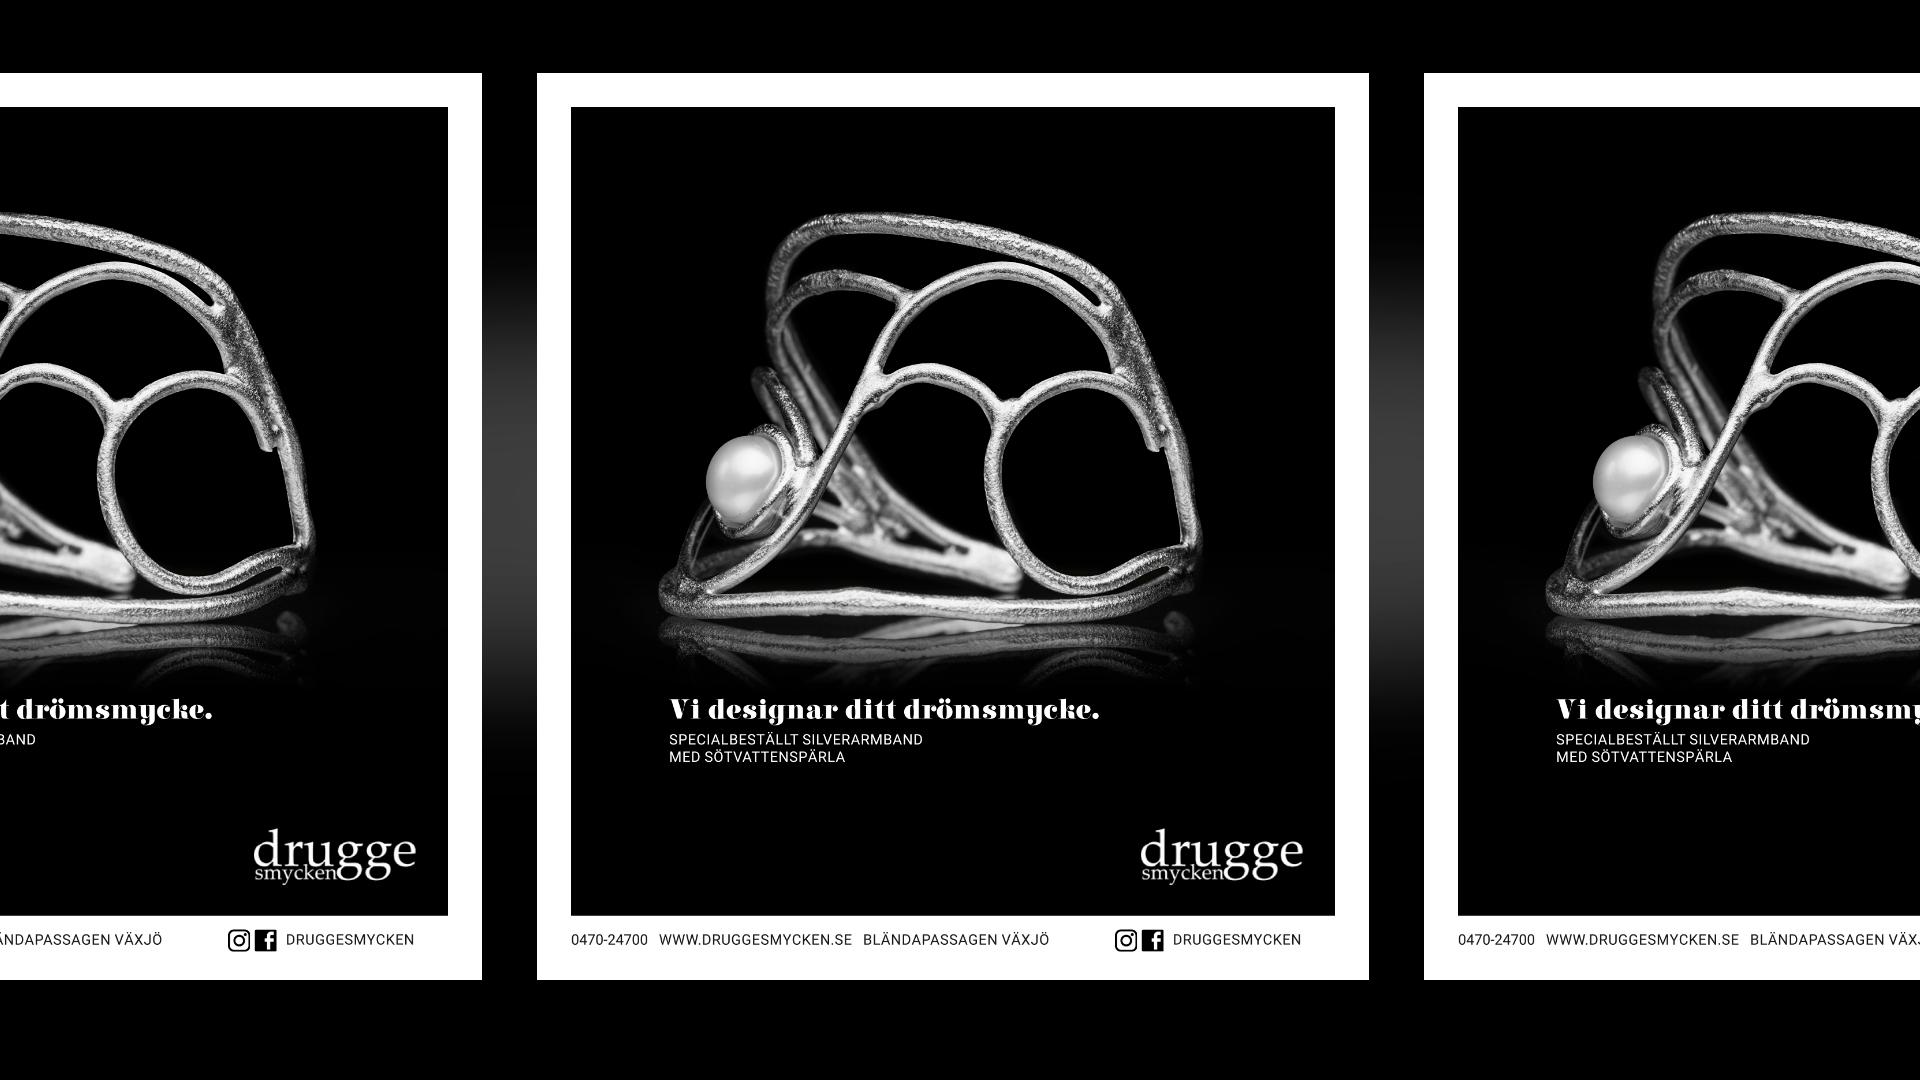 annons_drugge-1.jpg